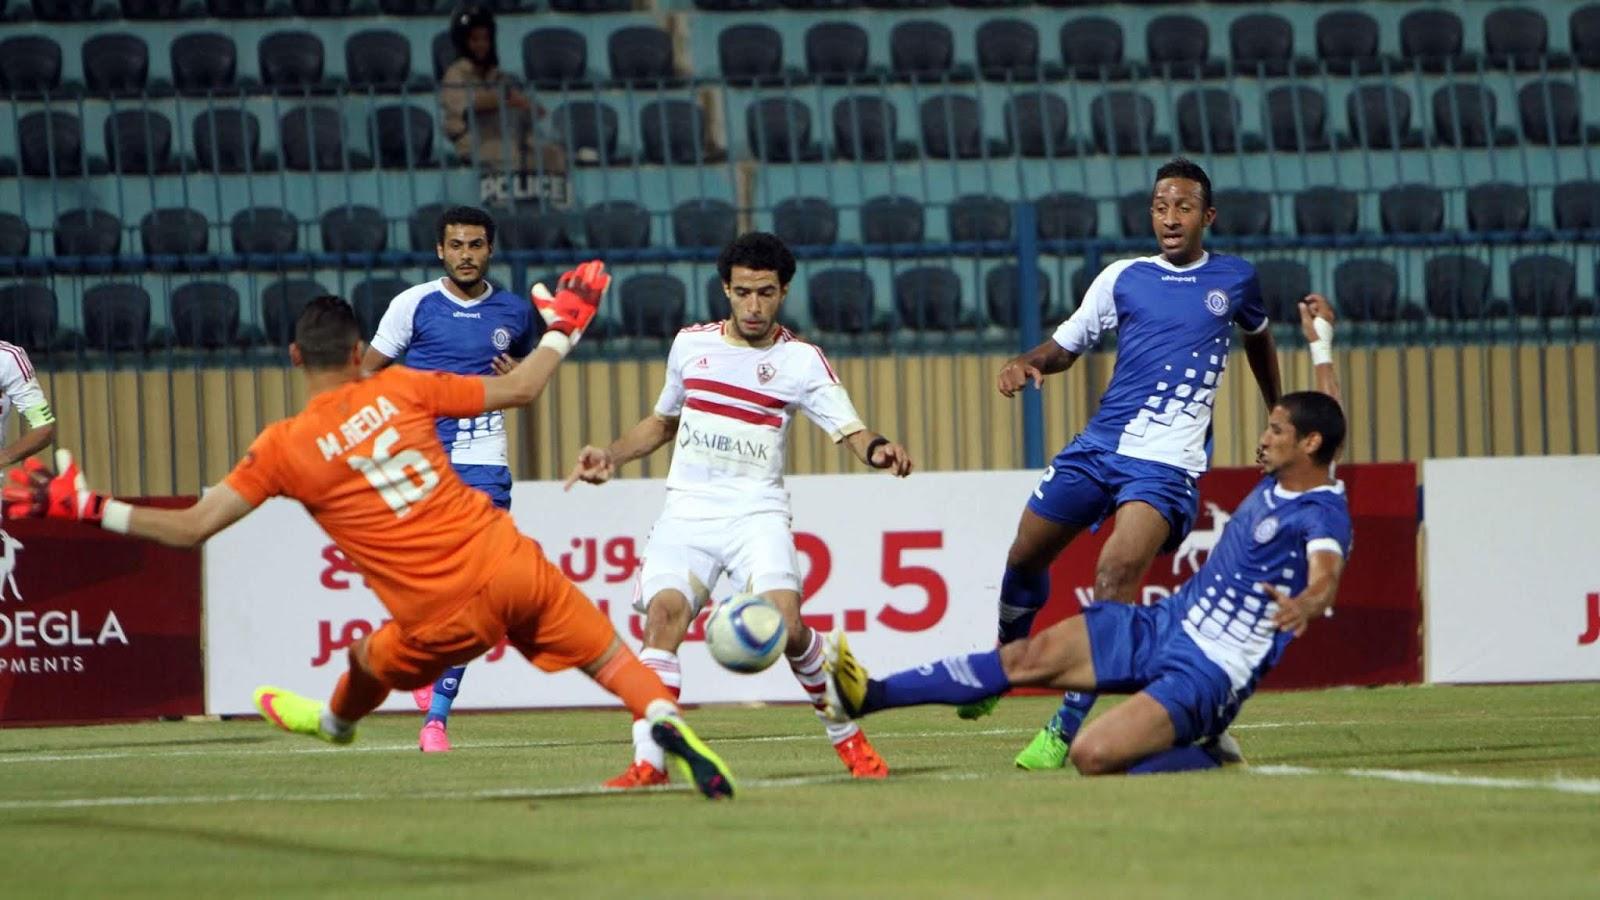 نتيجة مباراة الزمالك واسوان بتاريخ 02-01-2020 الدوري المصري